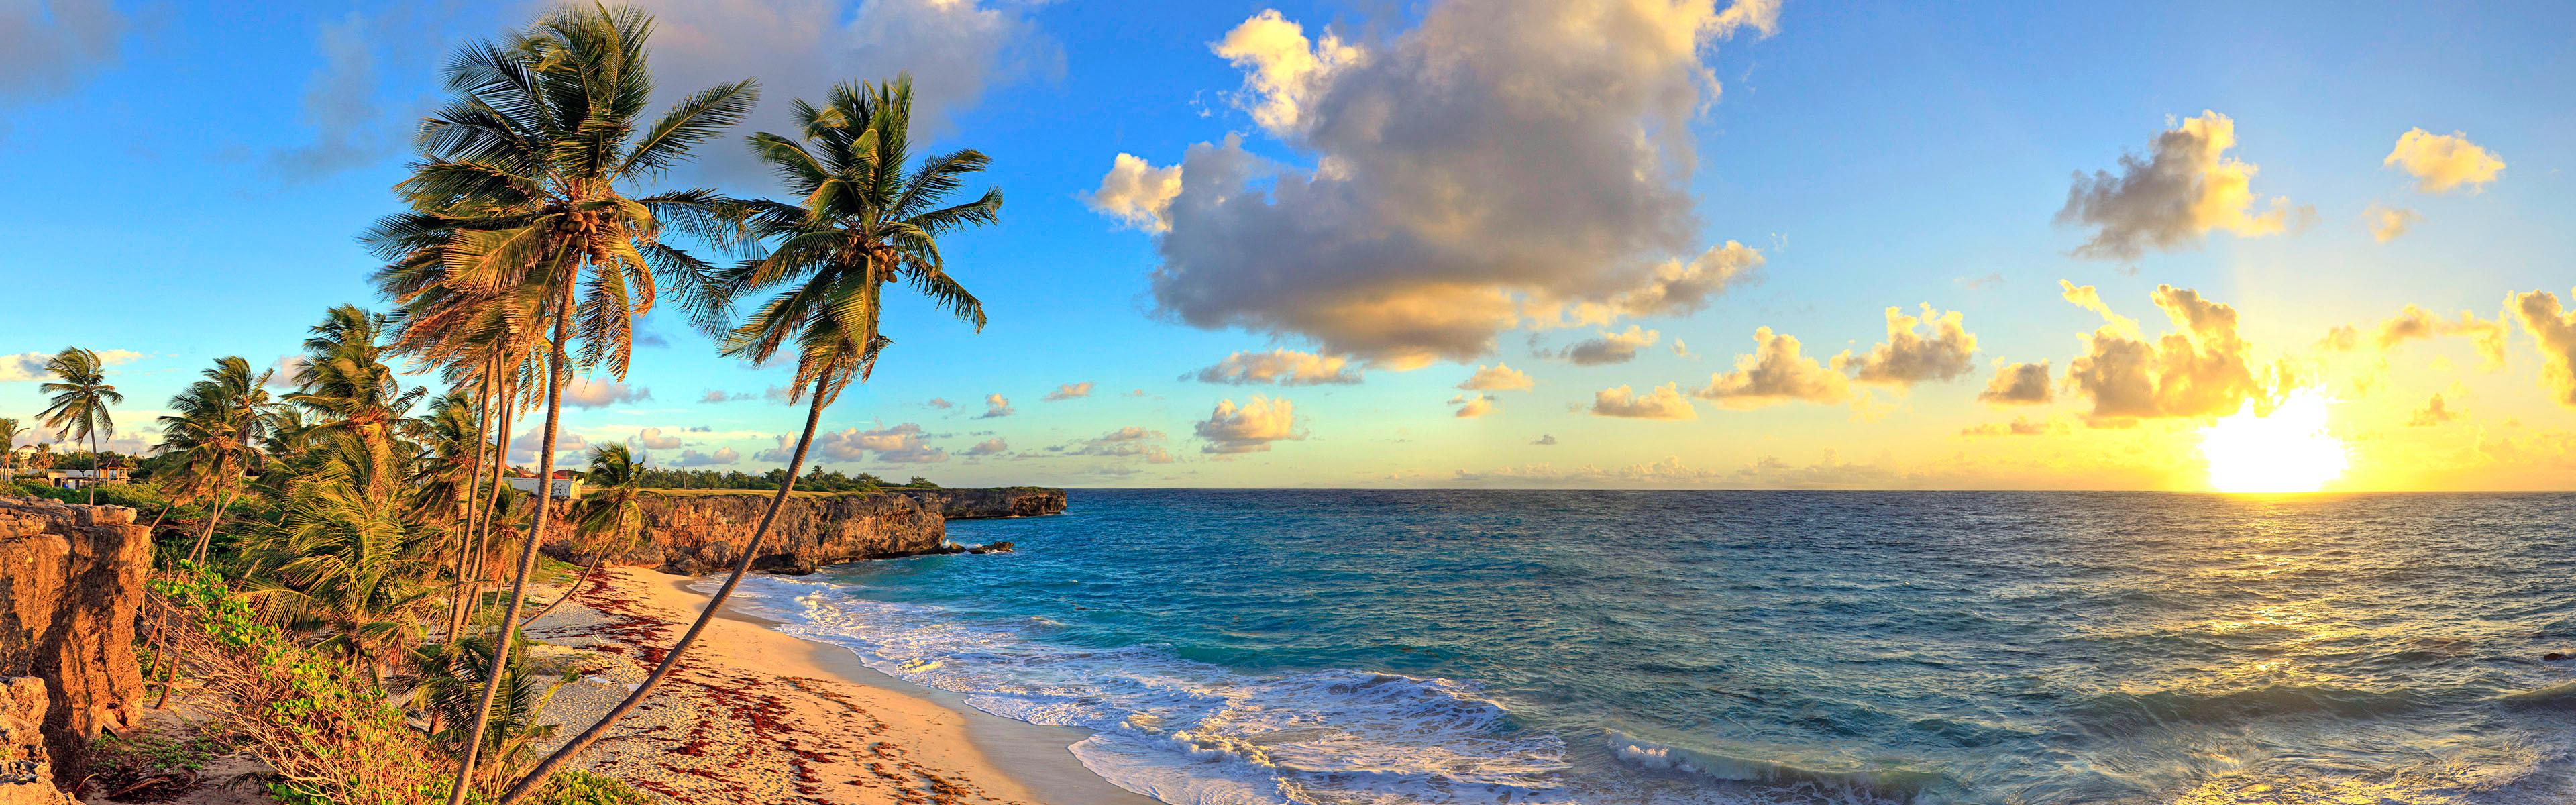 всегда панорамное фото океан высокое разрешение частном